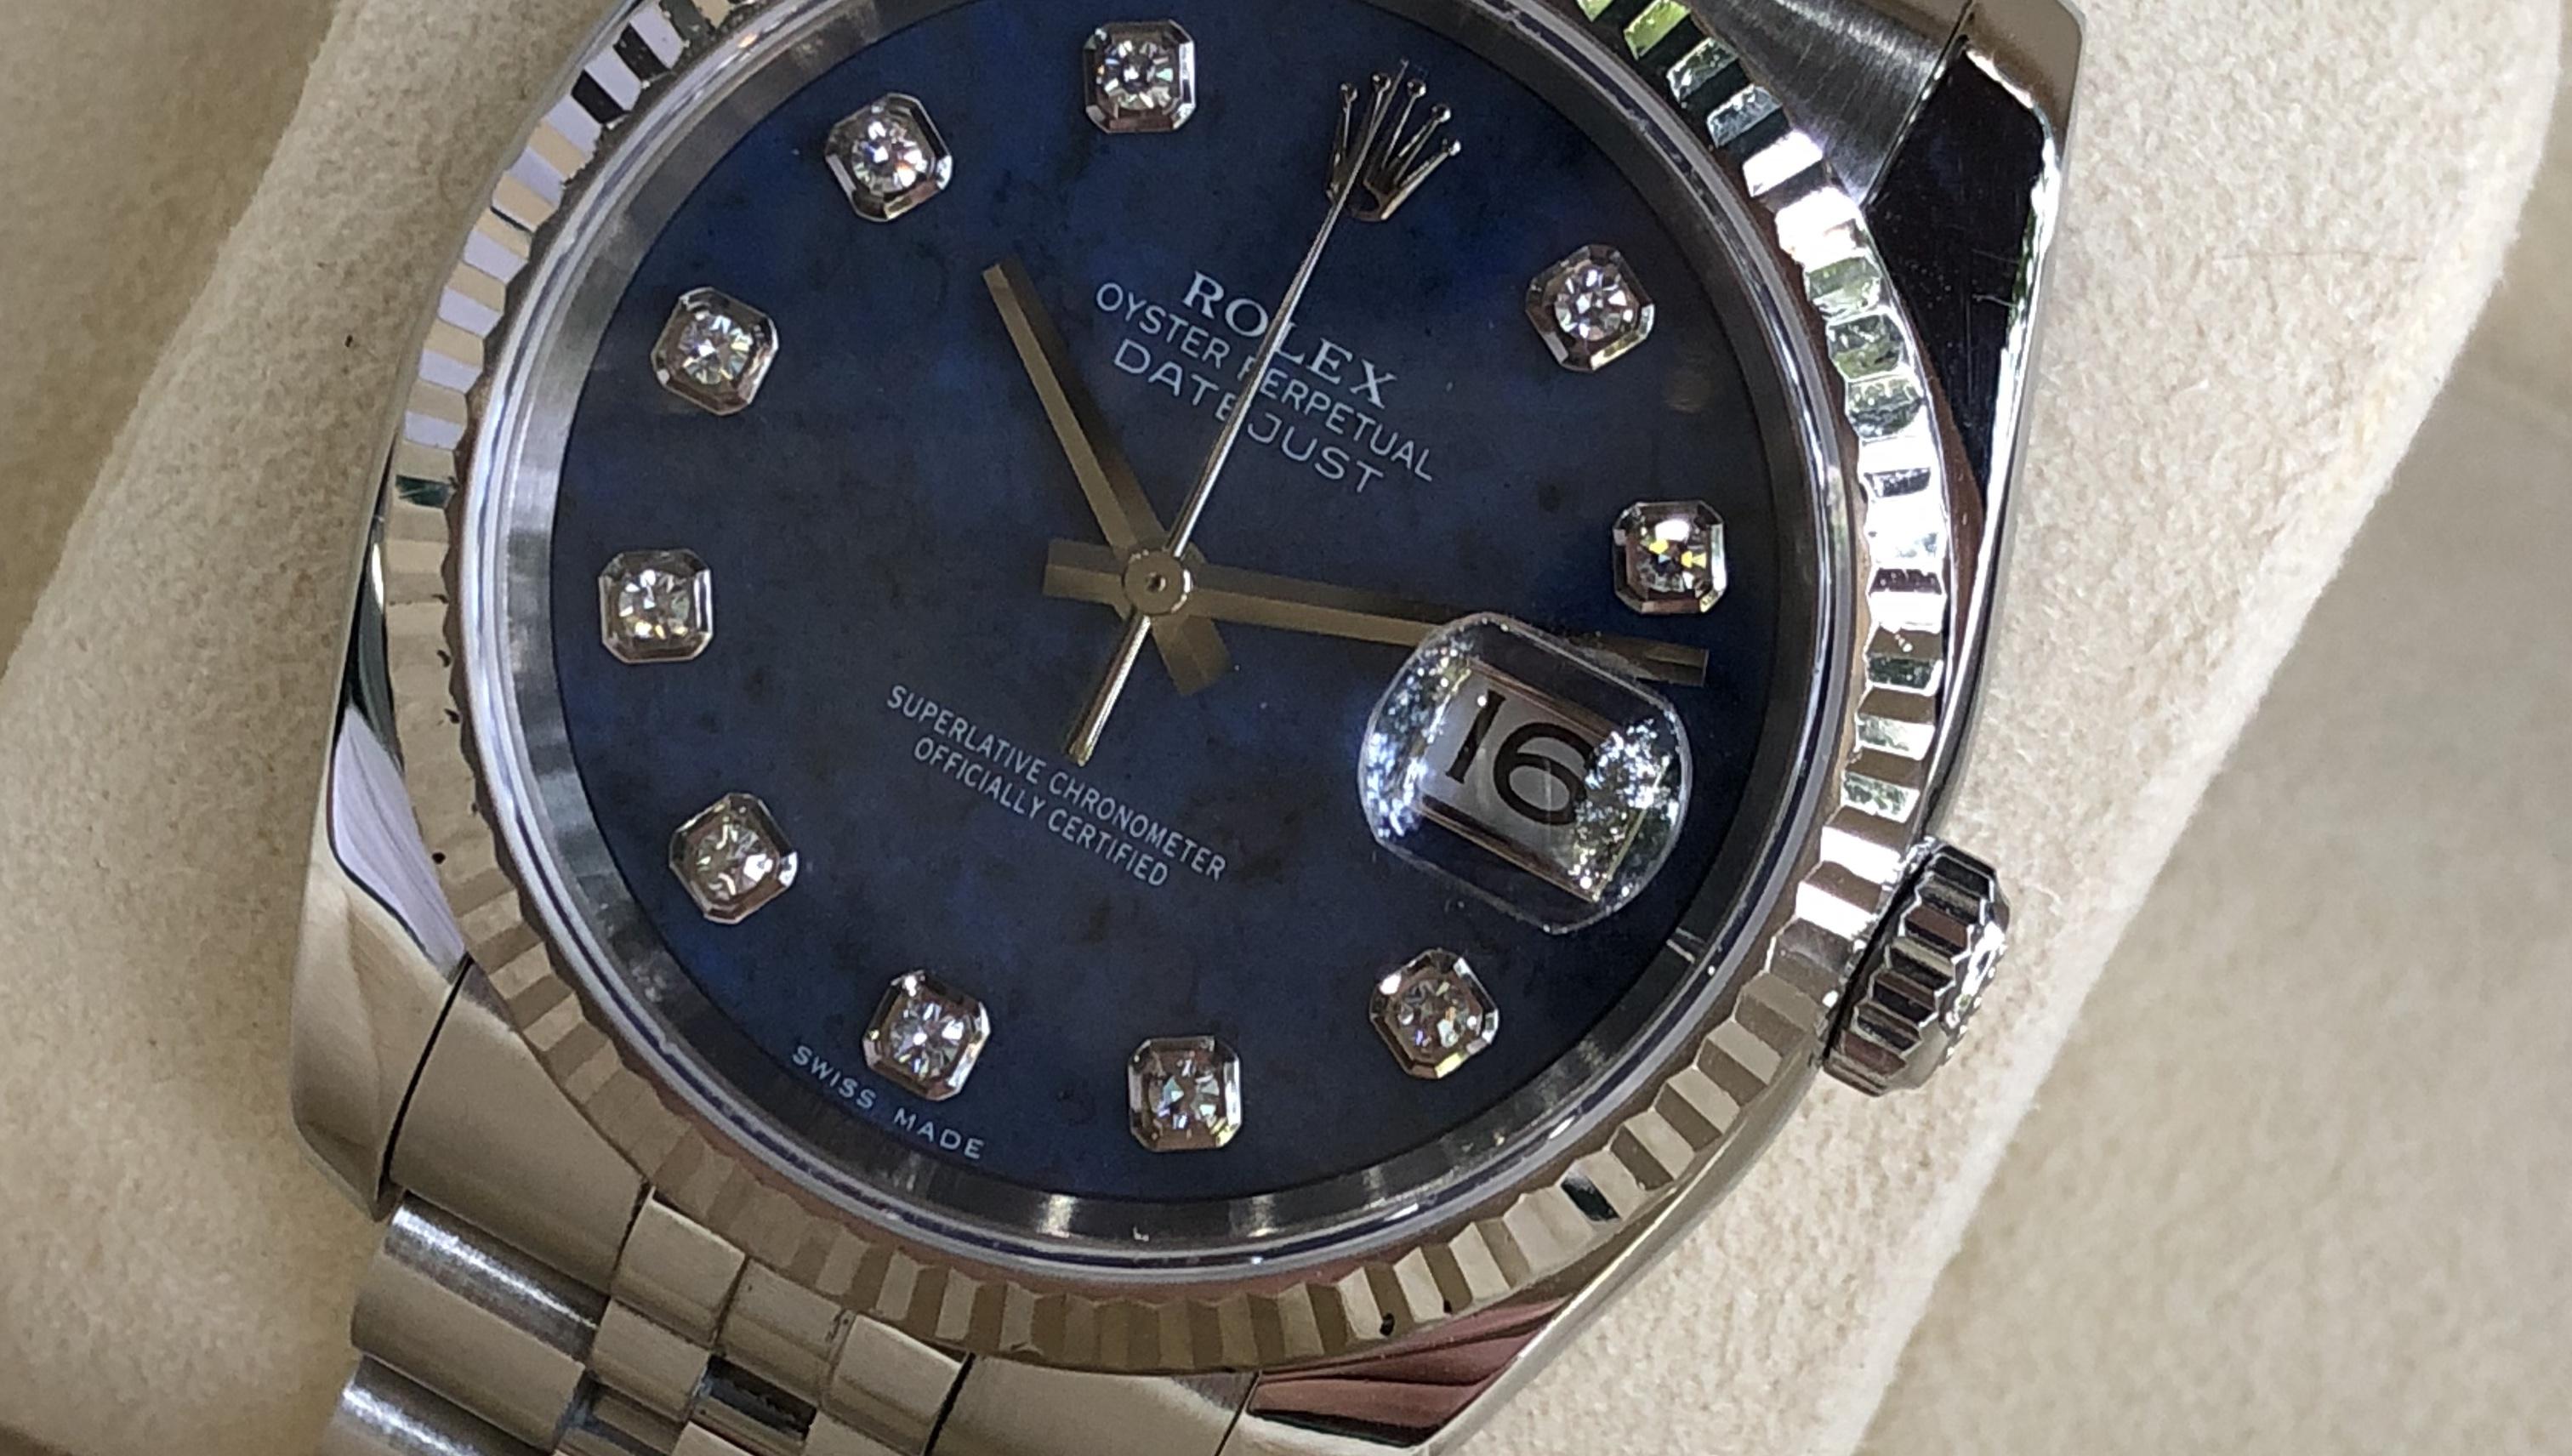 Rolex 116234 mặt đá xanh cực hiếm sản xuất năm 2005-3